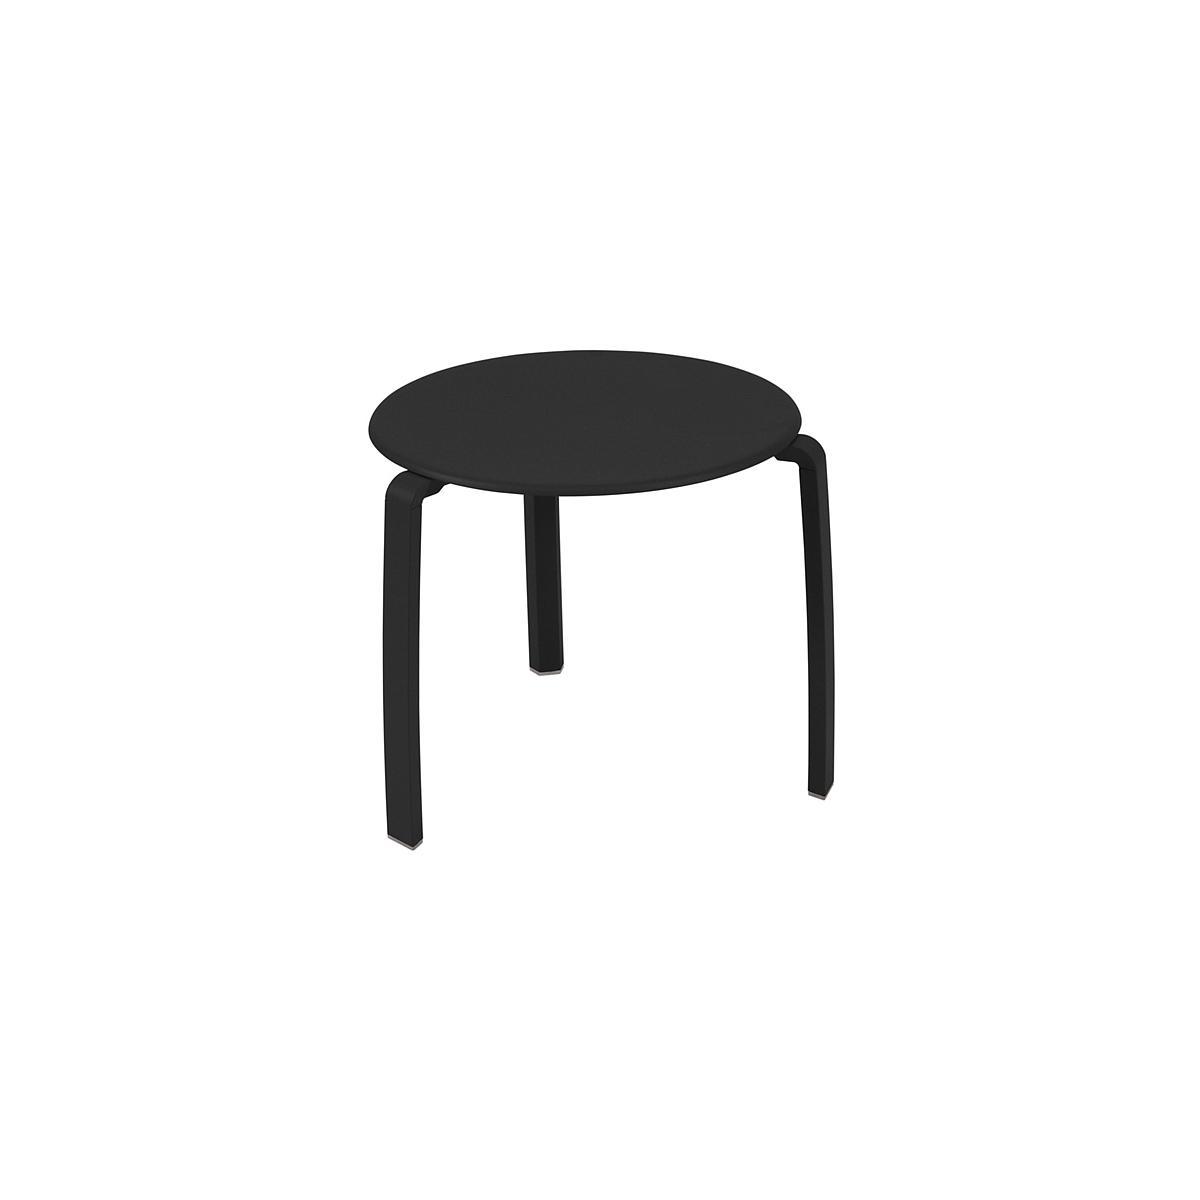 ALIZE by Fermob Table basse Noir réglisse